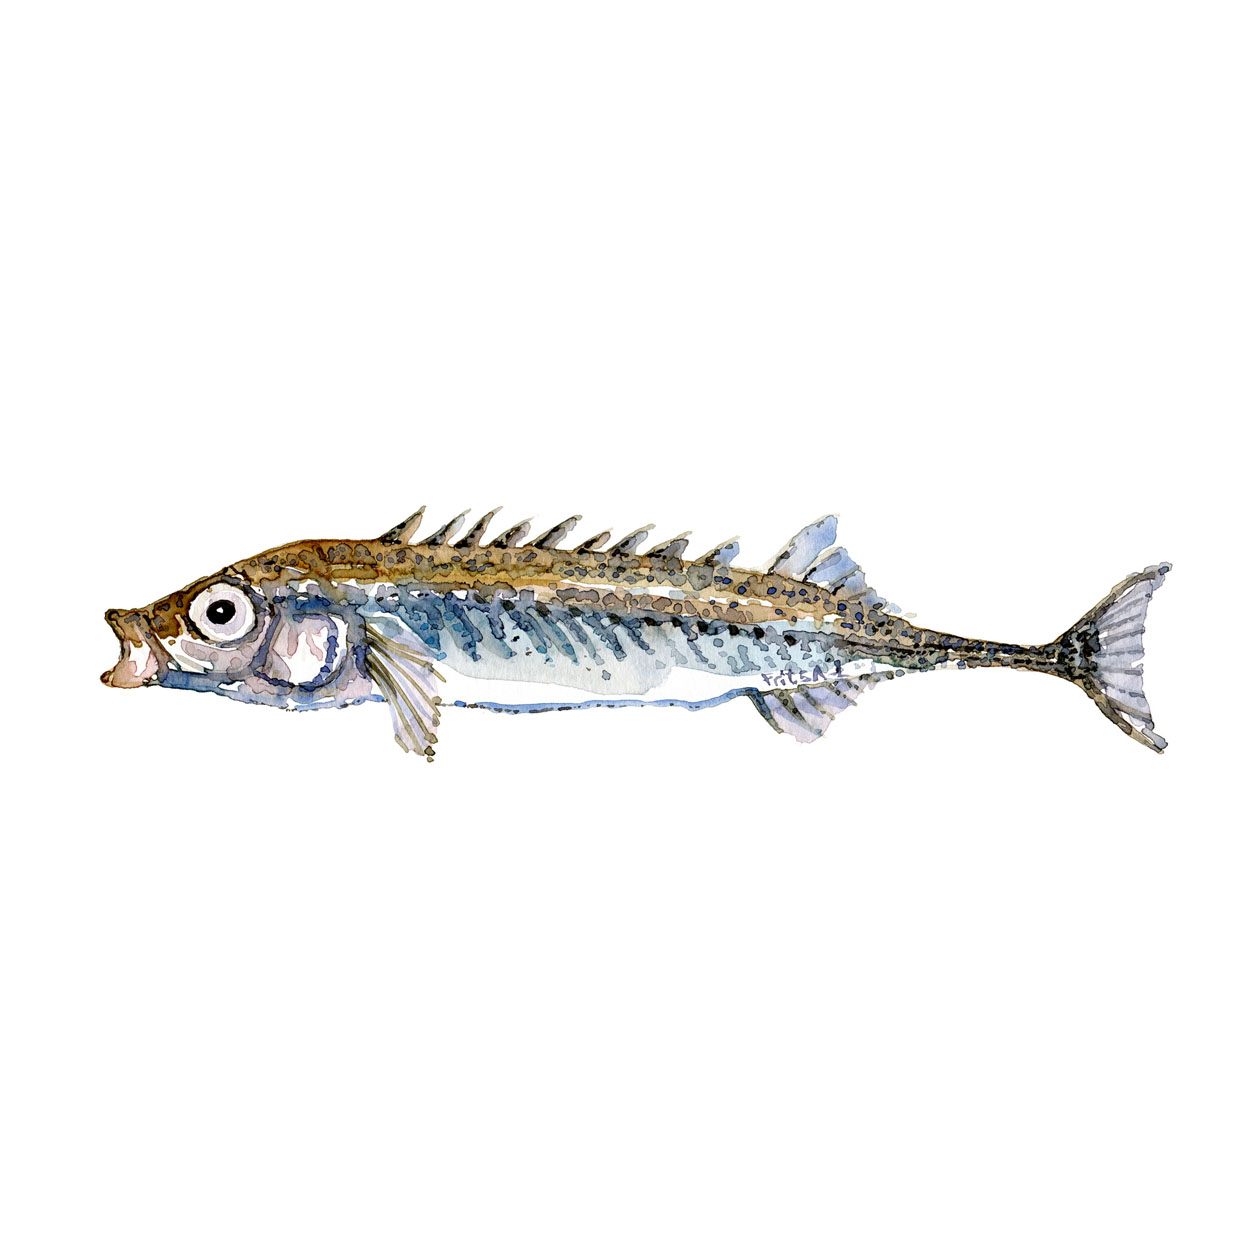 Nipigget hundestejle Ferskvandsfisk og biodiversitet i Danmark Akvarel af Frits Ahlefeldt